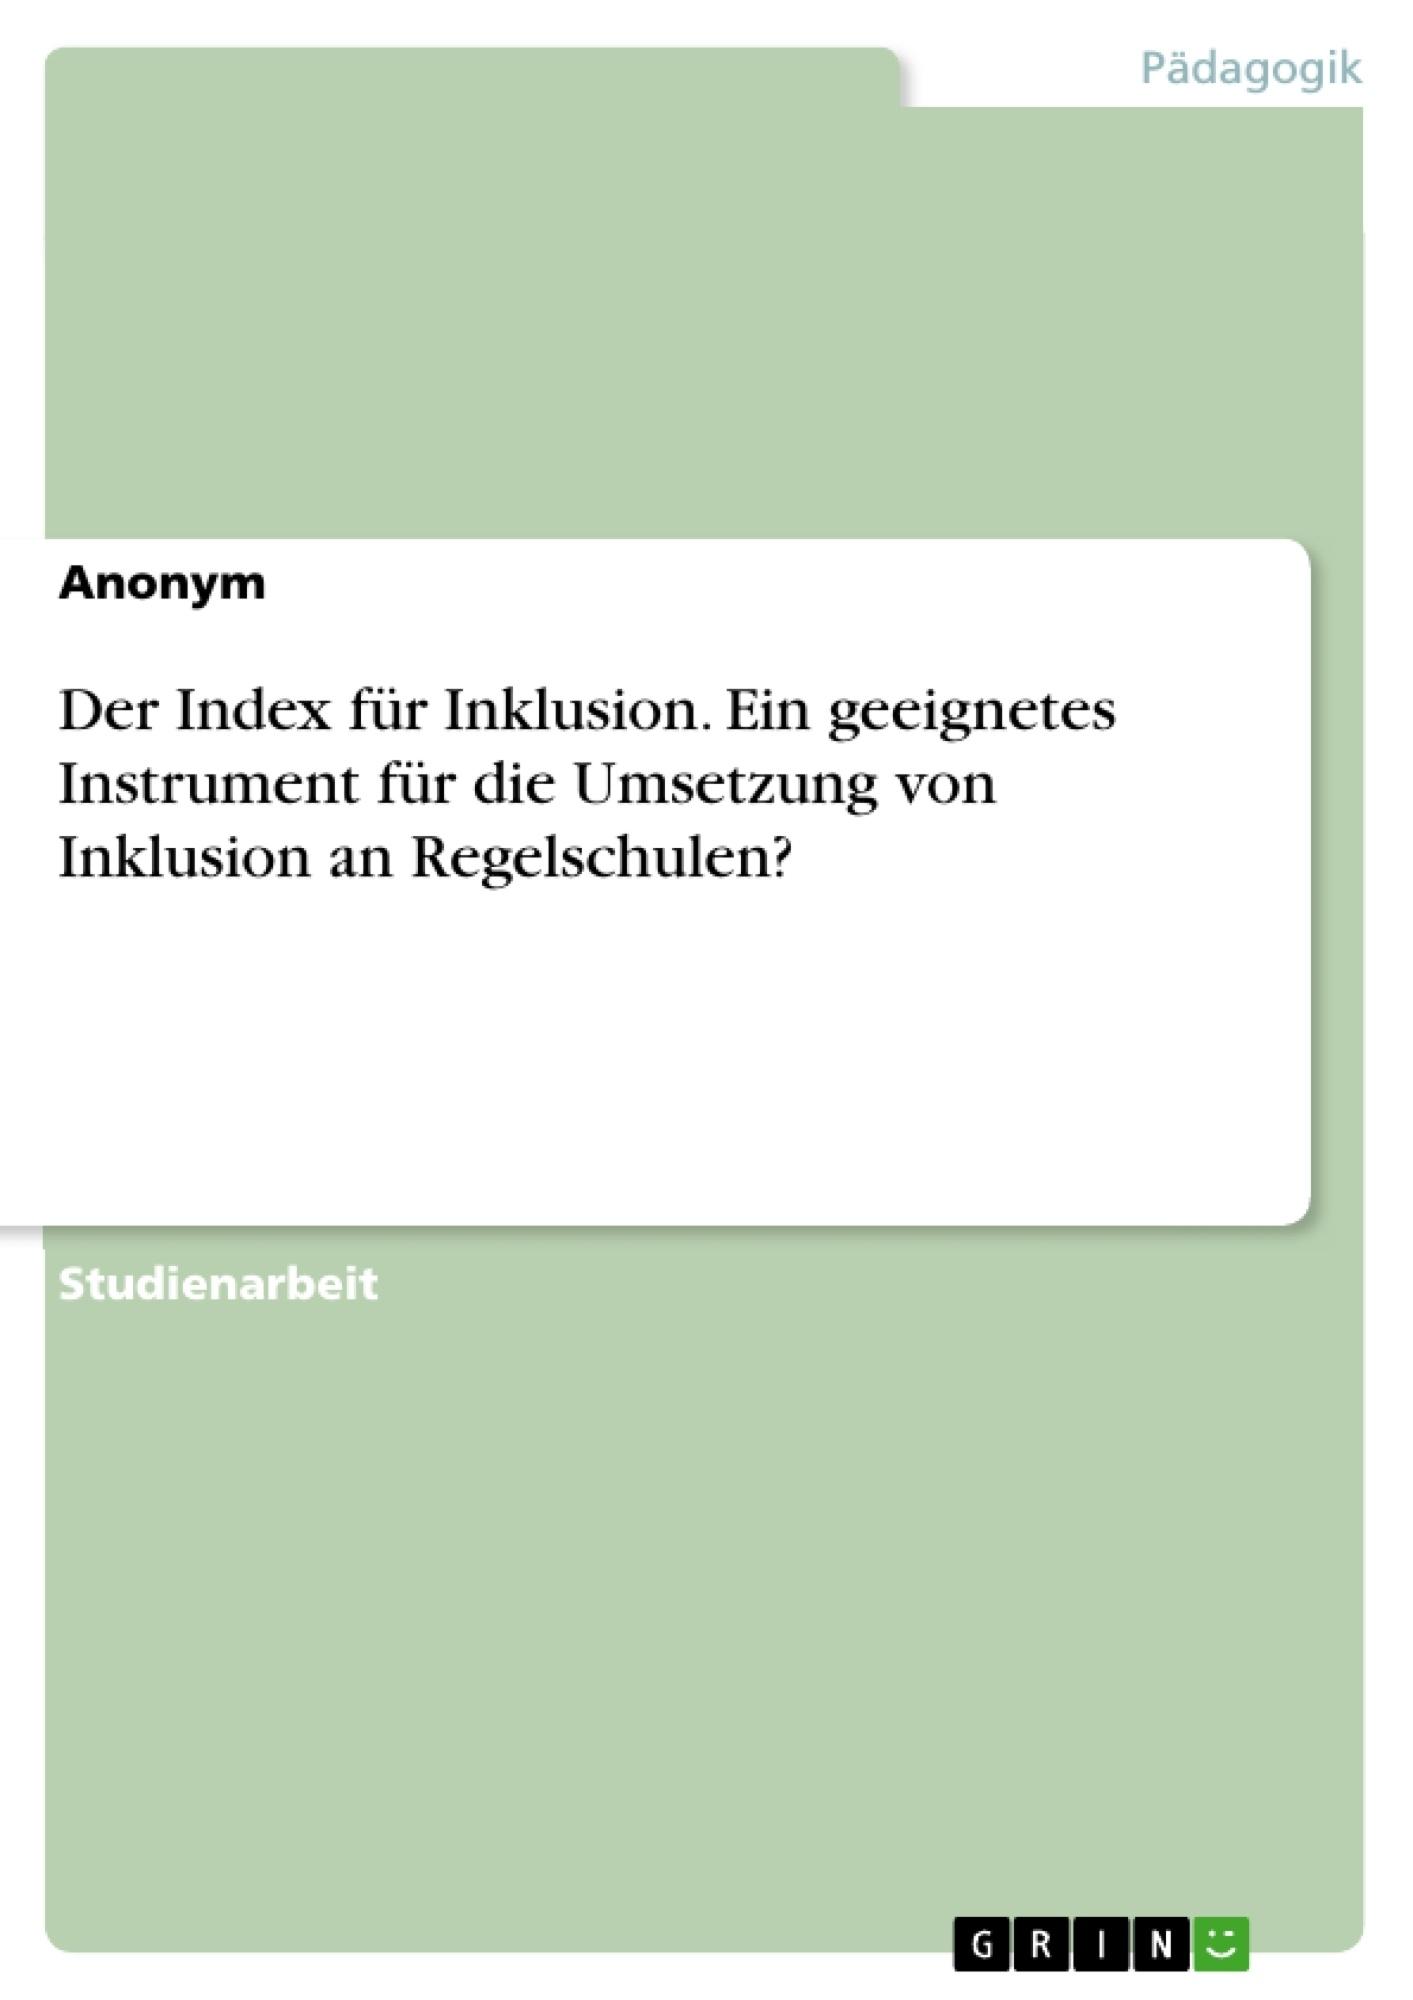 Titel: Der Index für Inklusion. Ein geeignetes Instrument für die Umsetzung von Inklusion an Regelschulen?